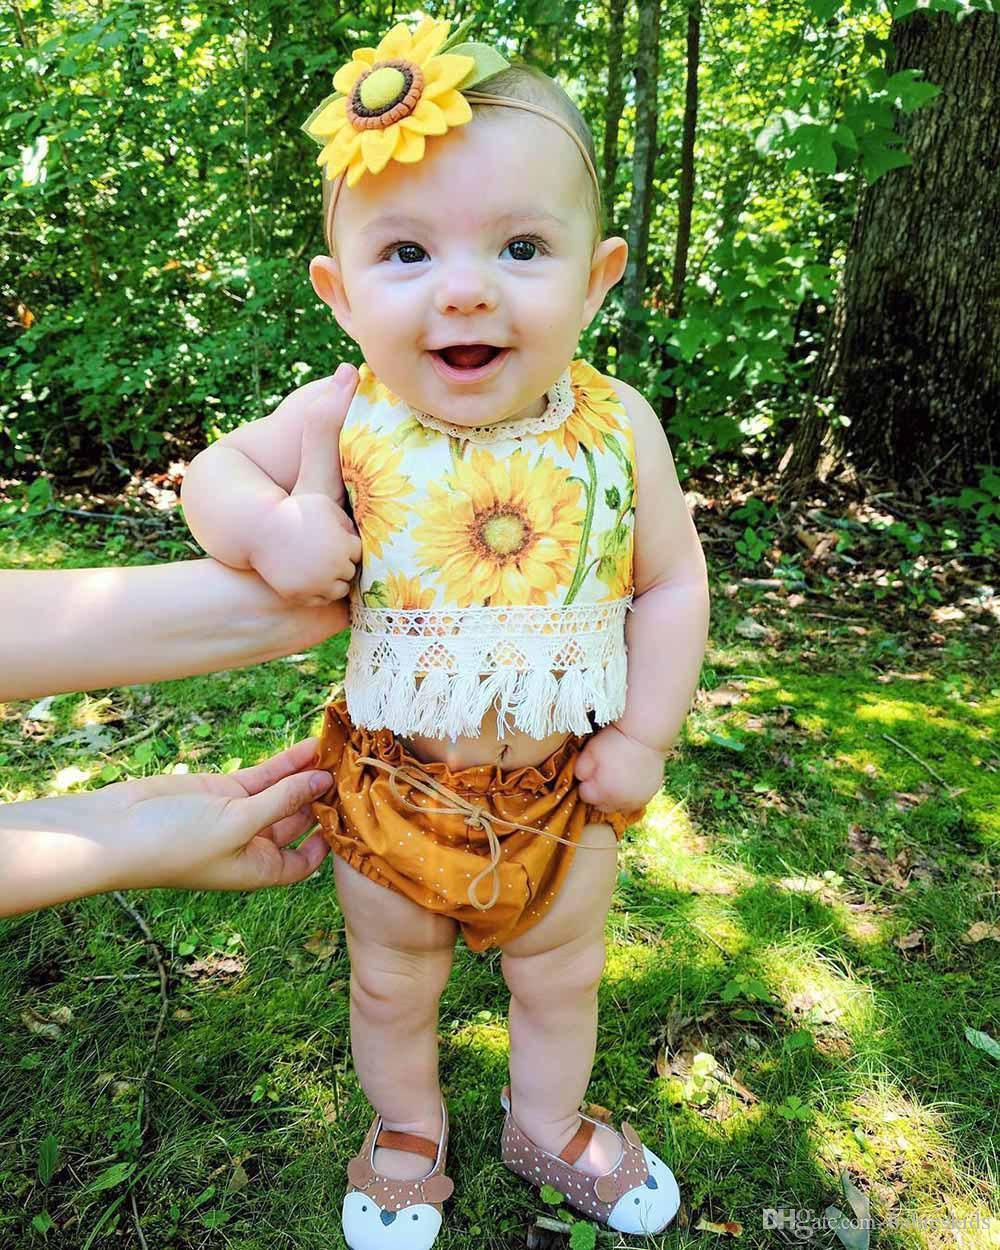 Bebé recién nacido ropa Conjuntos Tops pantalones florales 2 pcs bebés y niños pequeños cordón de la borla de la ropa linda juego del bebé de la ropa de moda